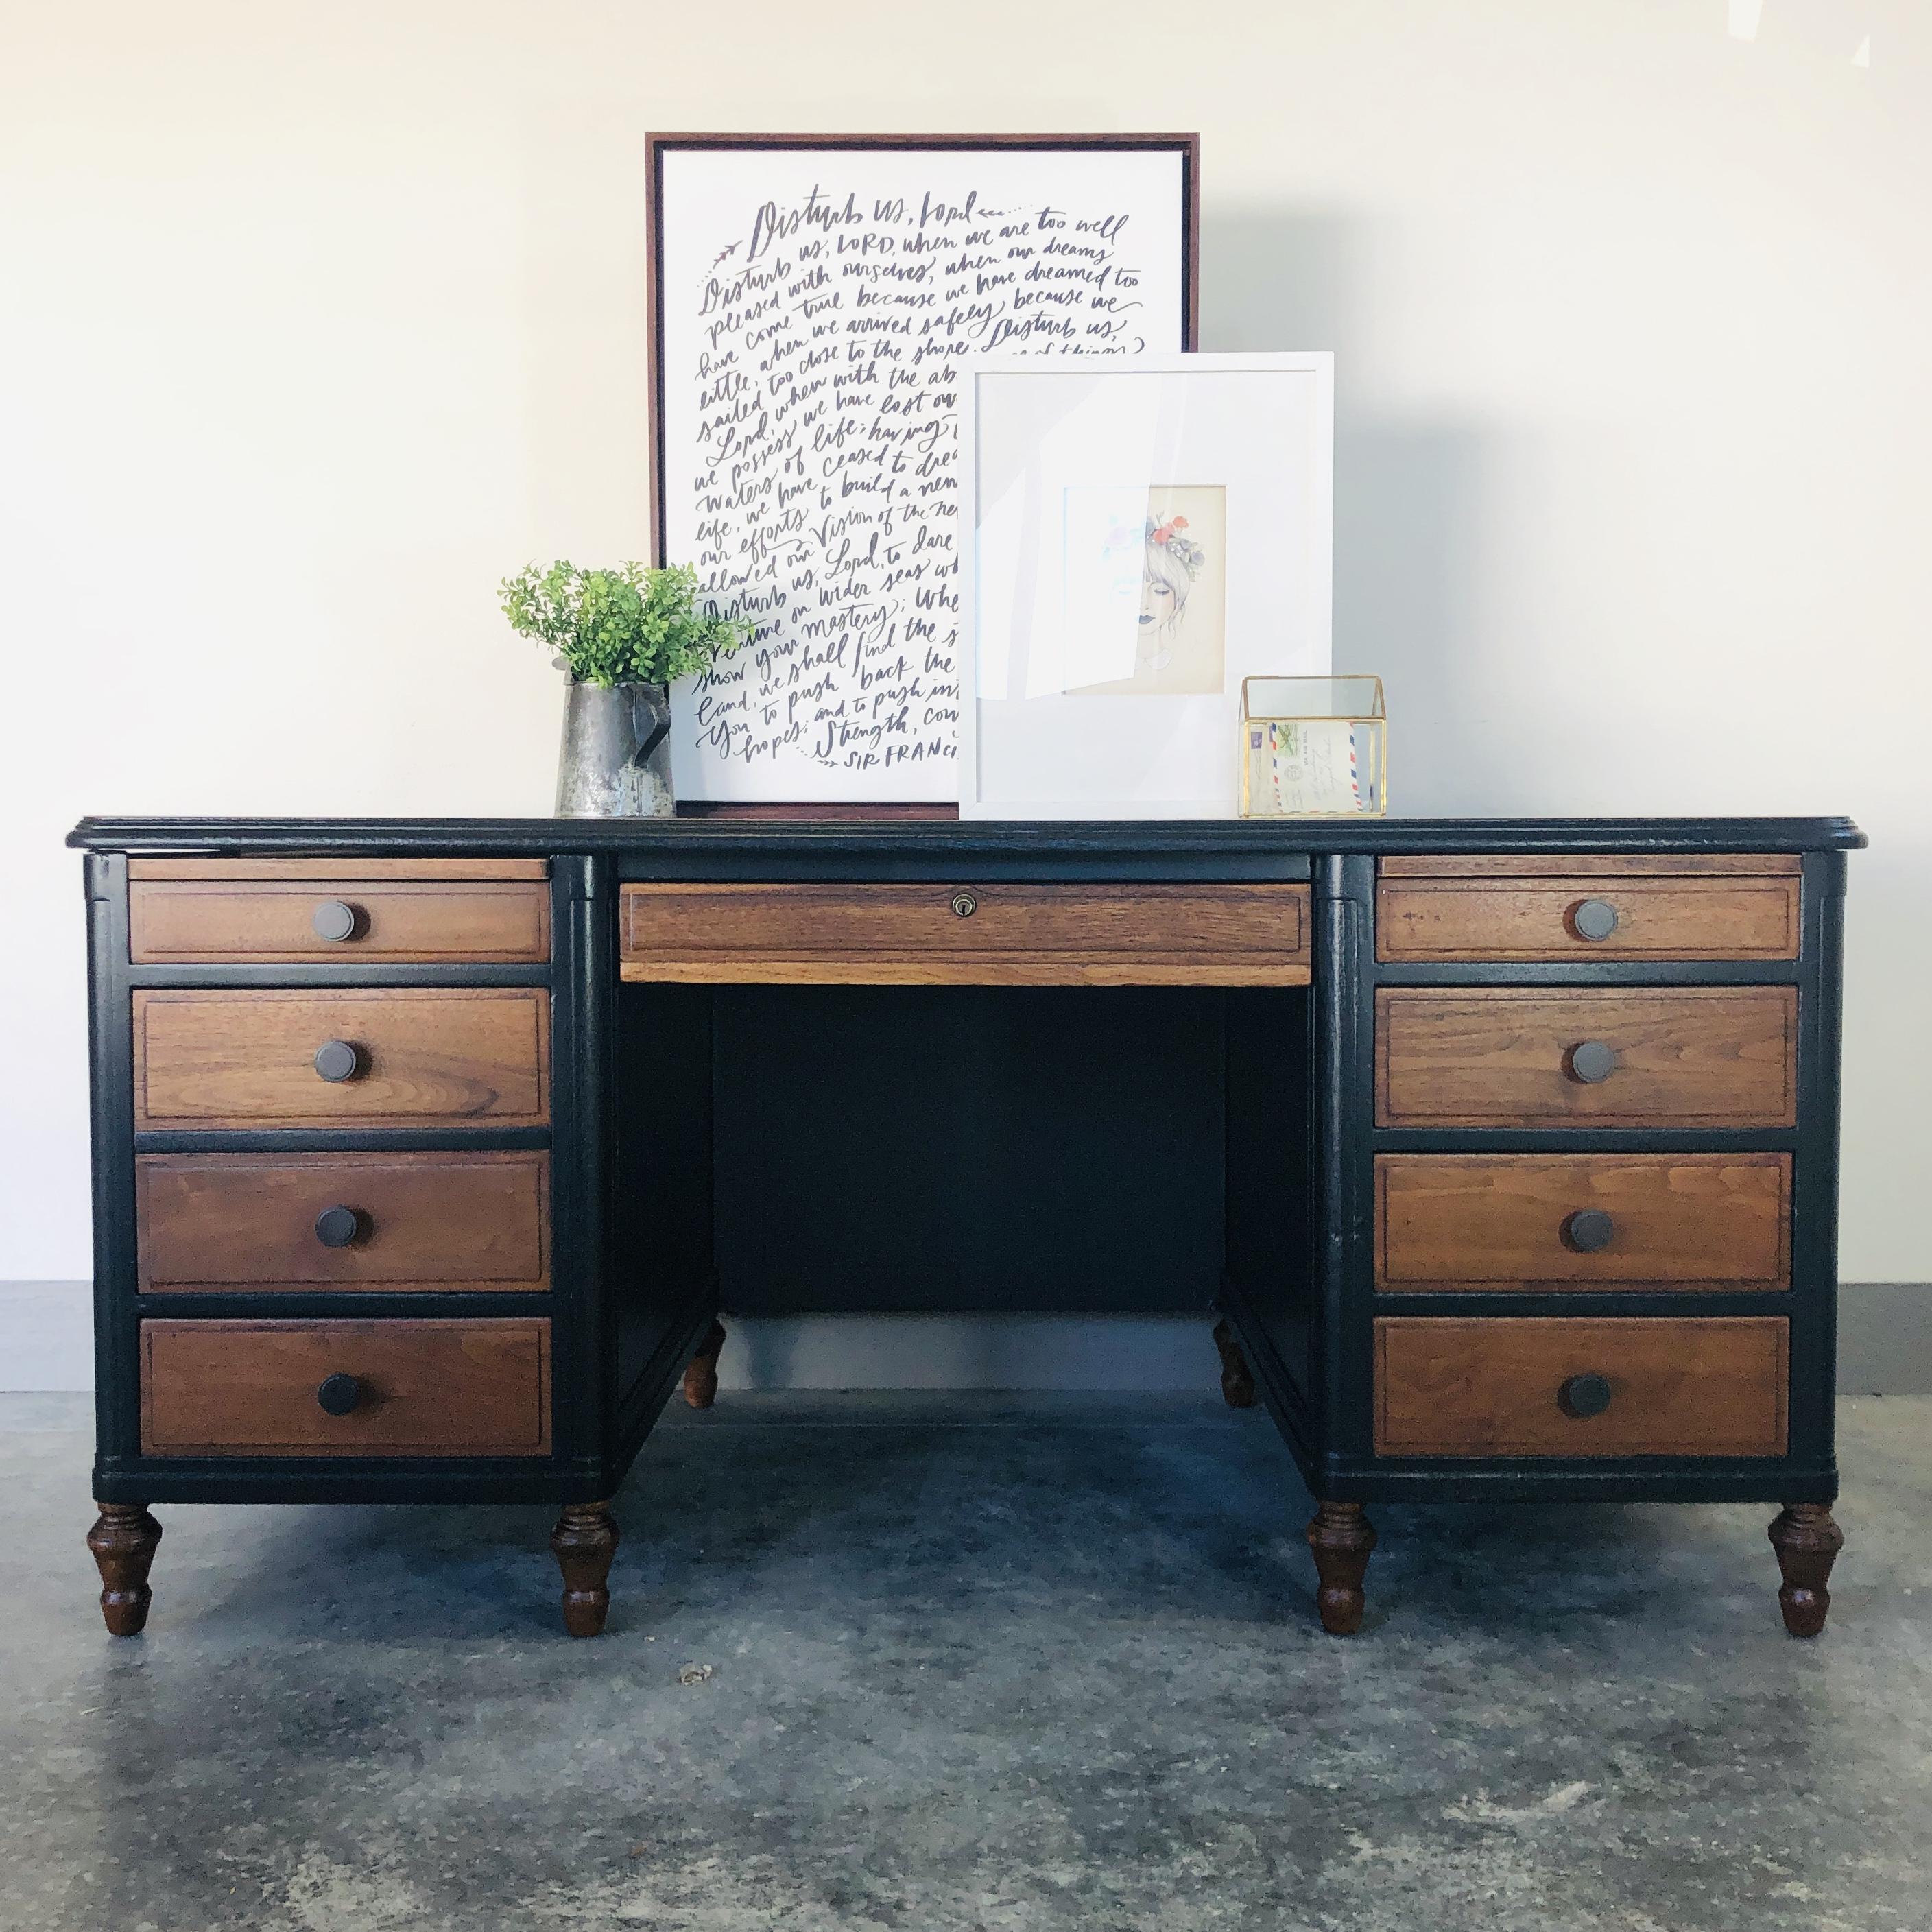 Lamp Black and Natural Wood Desk